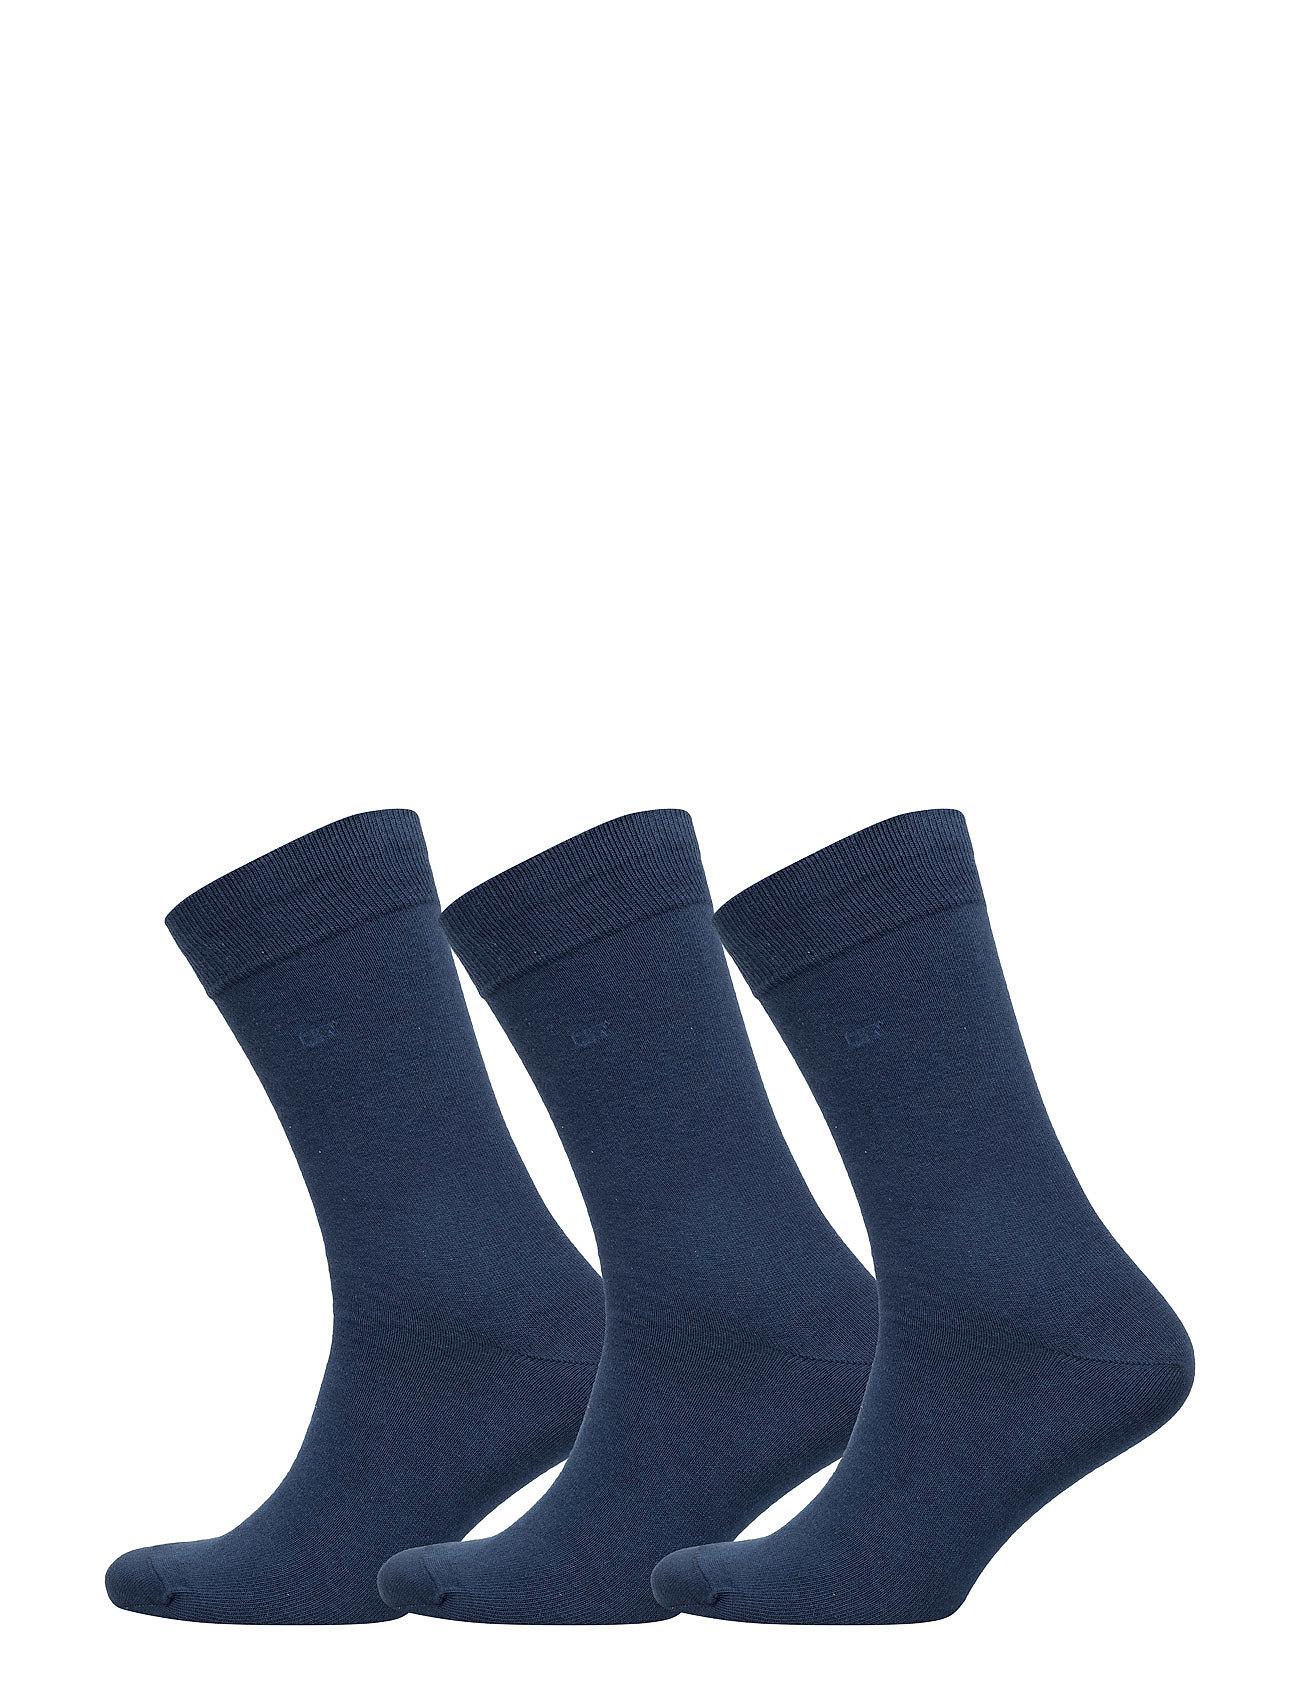 CR7 CR7 socks 3-pack